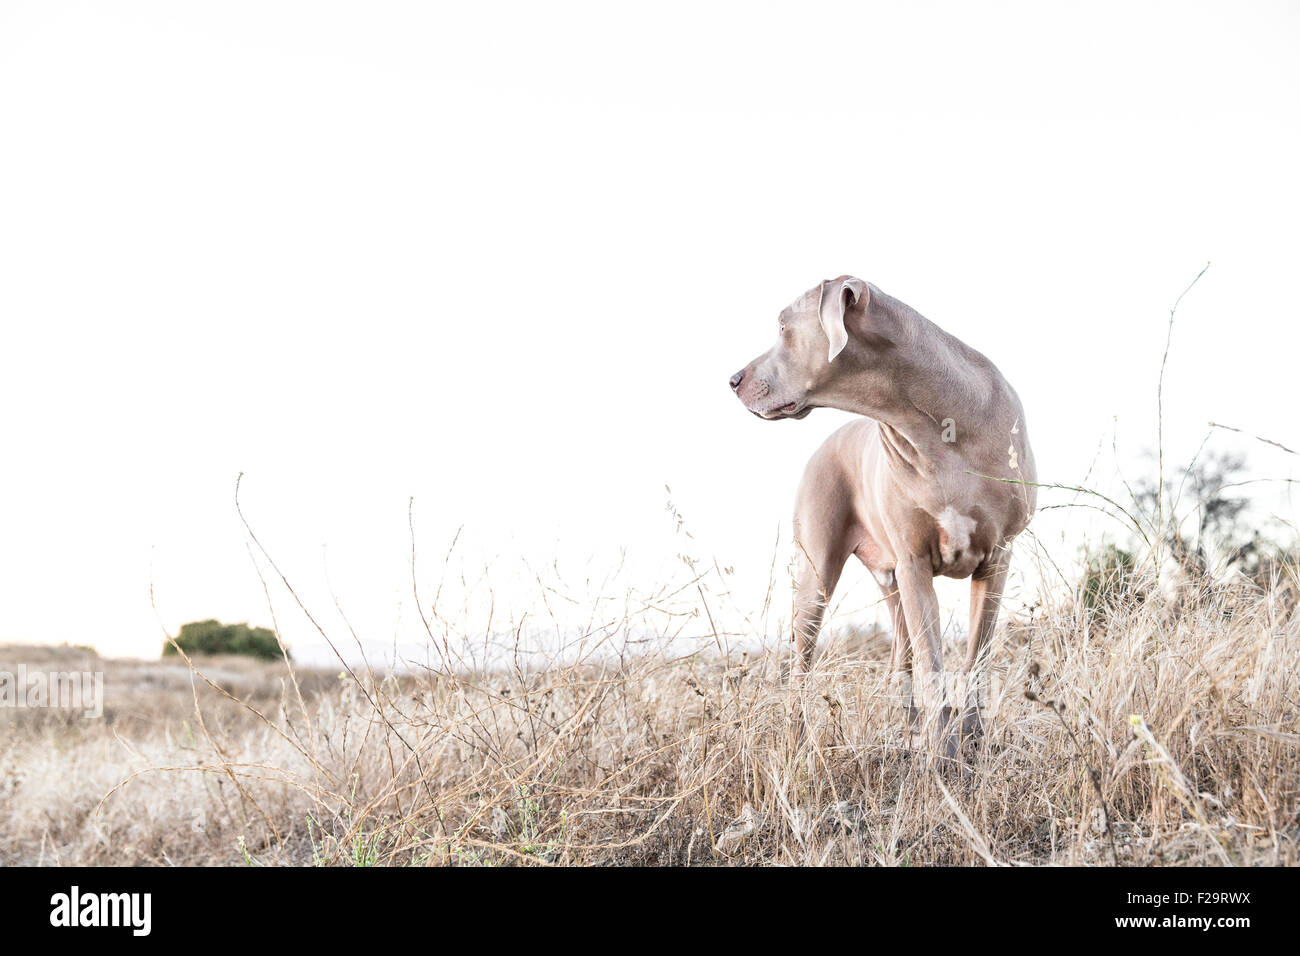 Erwachsenen Weimaraner Hund stehend gerichtete Kamera, suchen ab Seite in einem trockenen kargen Feld, Negativraum Stockbild